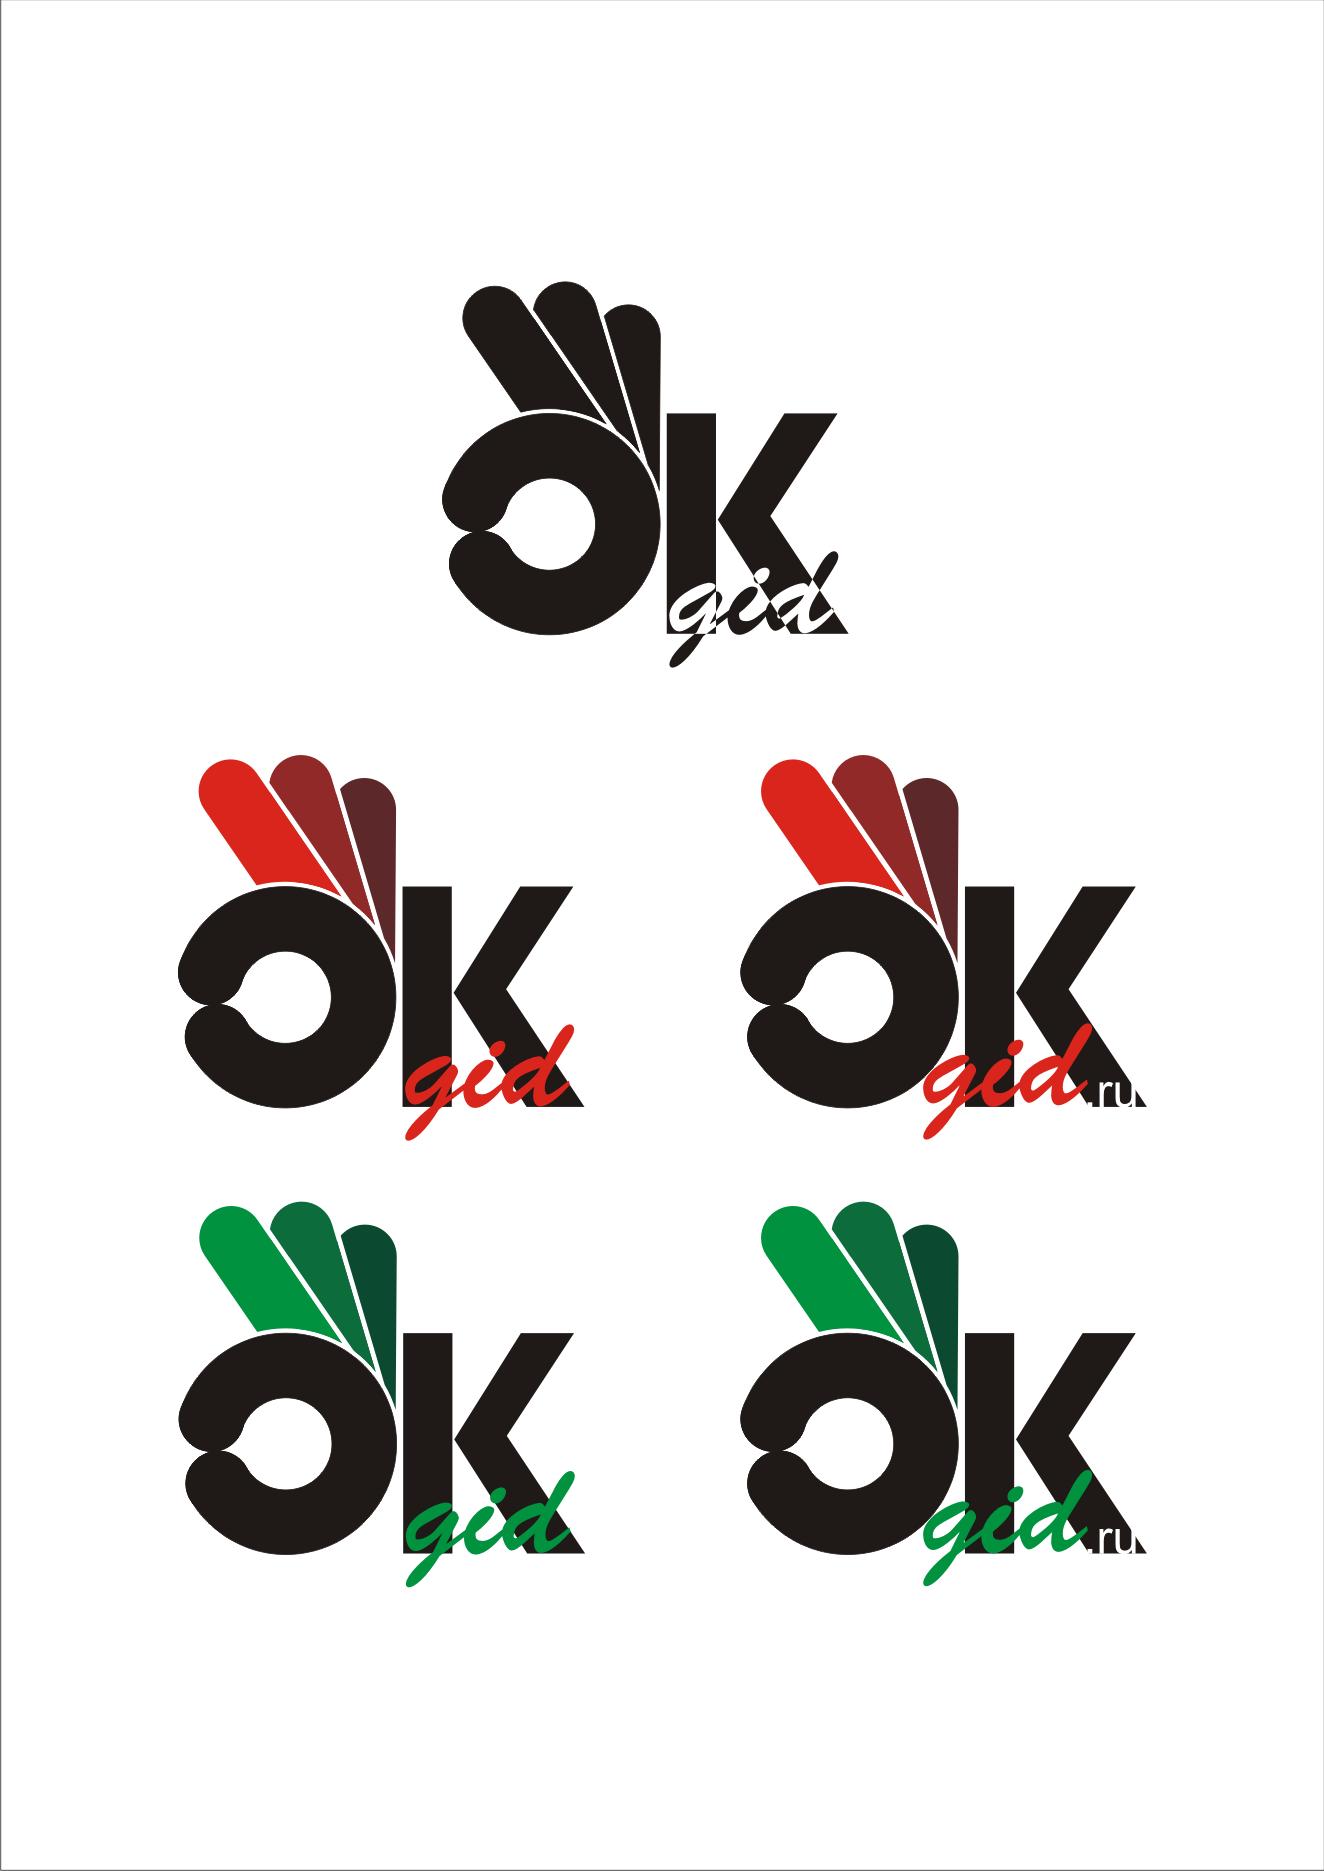 Логотип для сайта OKgid.ru фото f_22957c6b0219f3e6.png